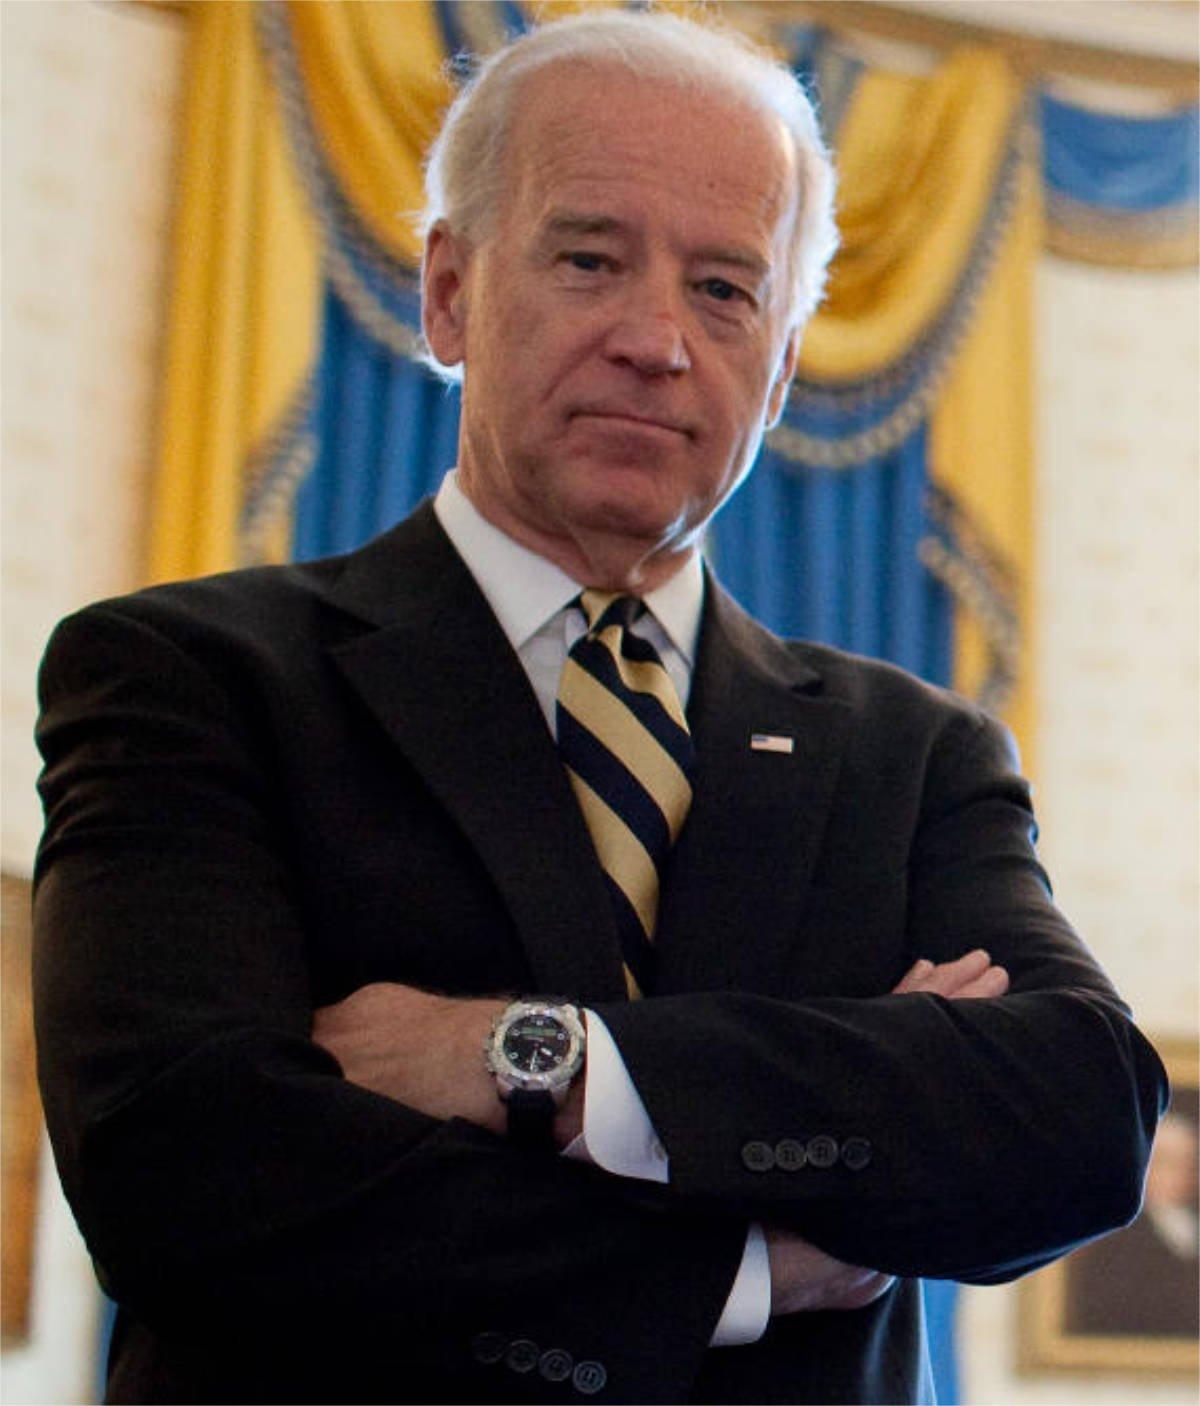 Tissot / foto: whitehouse.gov